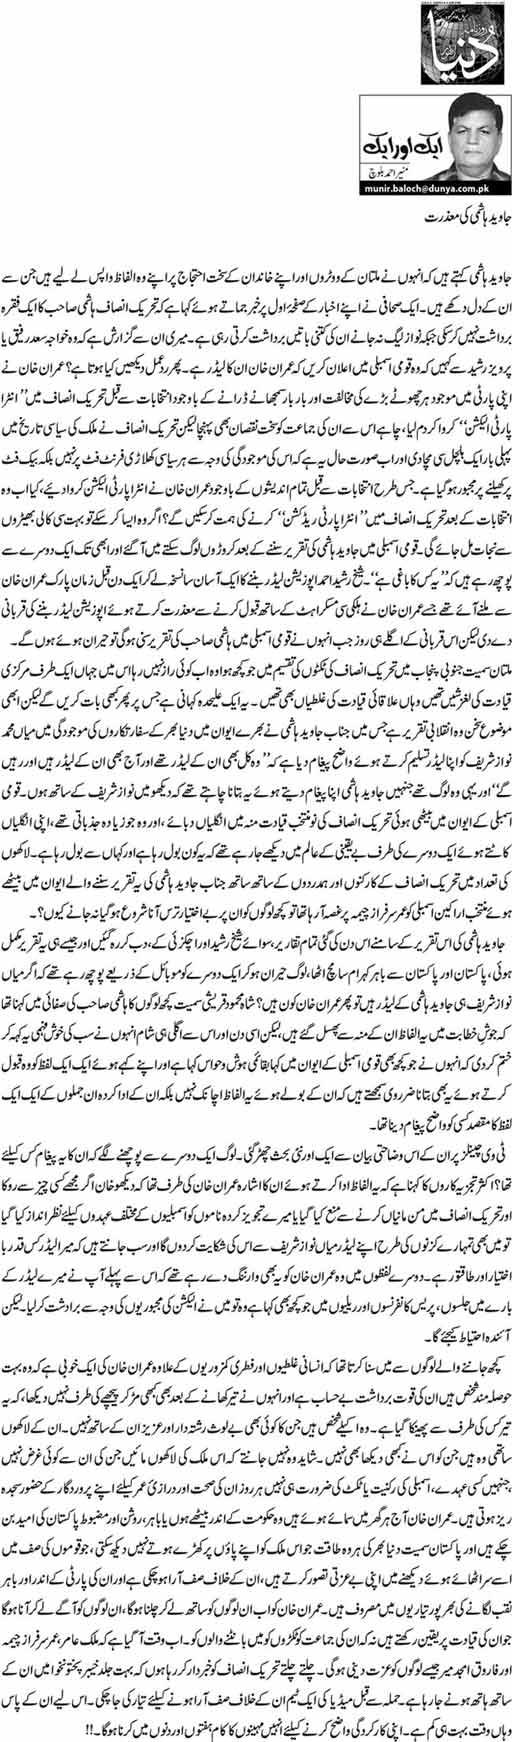 Javed Hashmi Ki Mazrat - Munir Ahmed Baloch